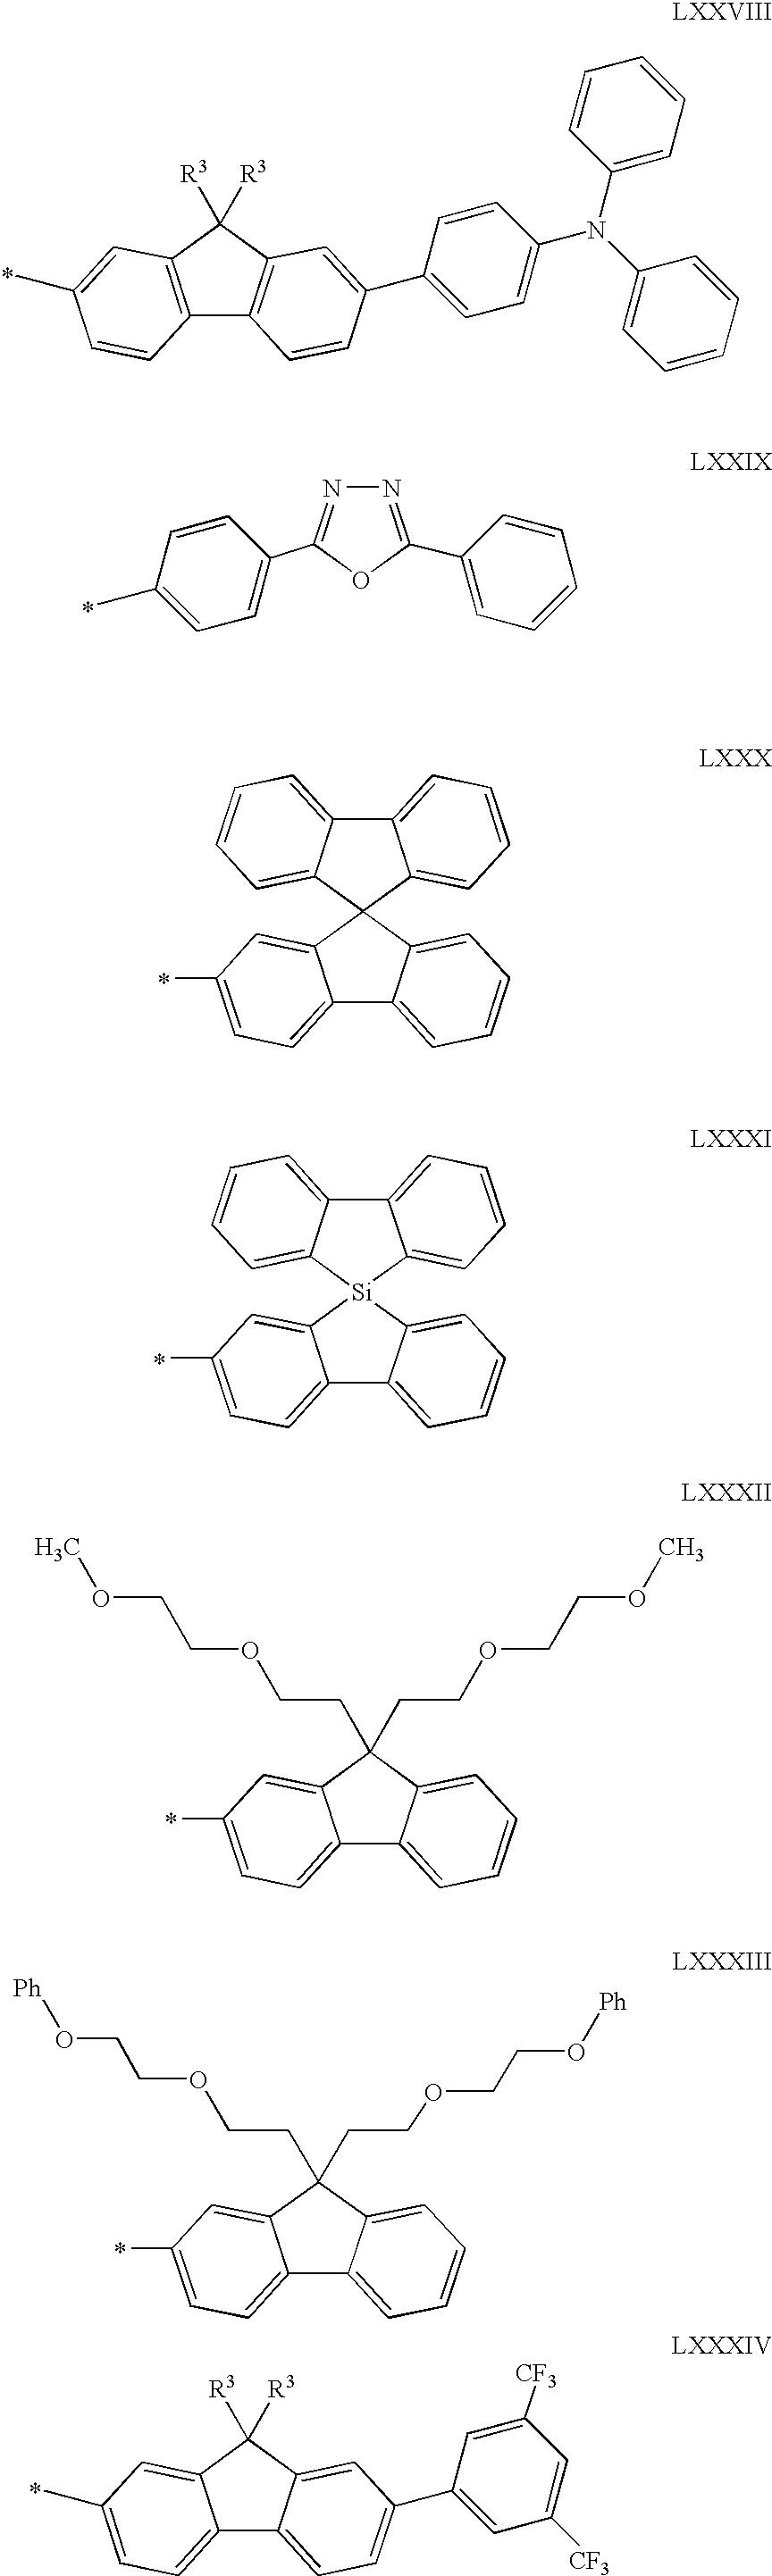 Figure US20040062930A1-20040401-C00091